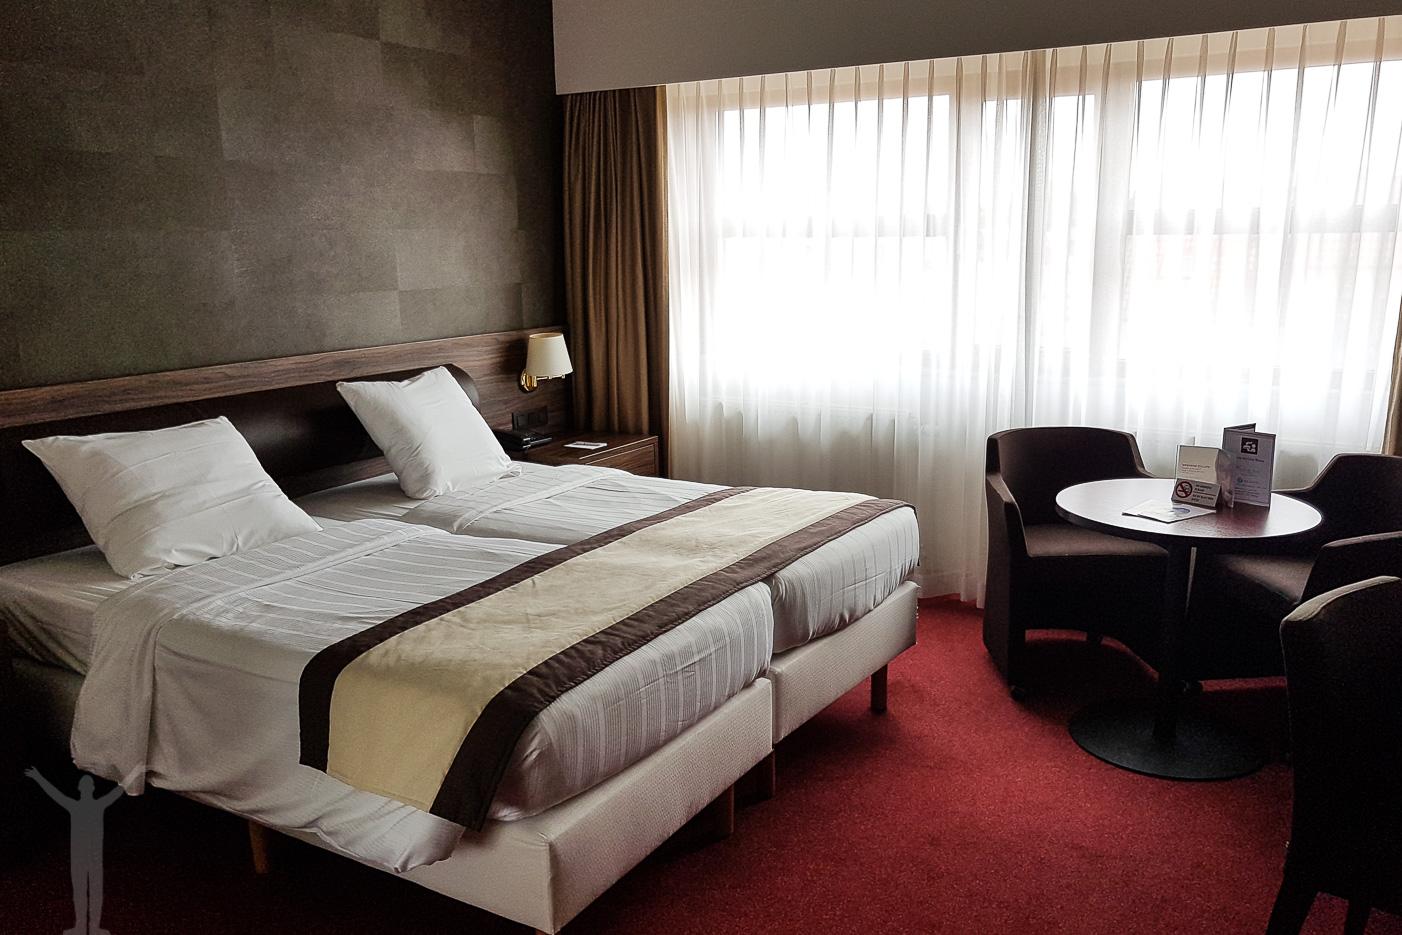 Årets hotell? De Medici Hotel, Brygge